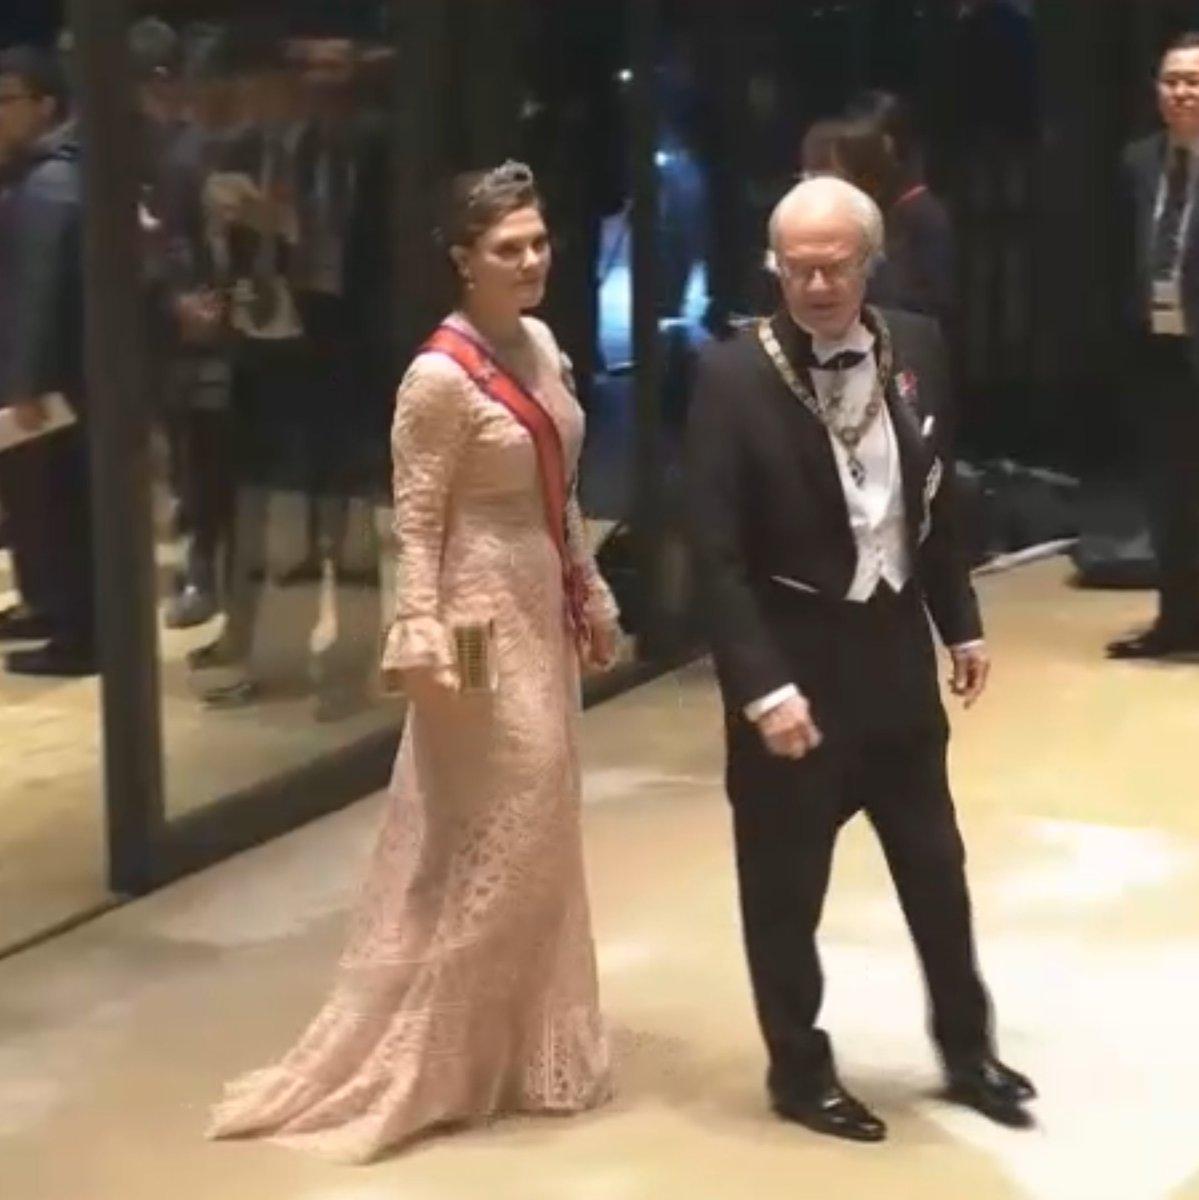 備忘録さらに追加。#饗宴の儀 1、2枚目、スウェーデンのカールグスタフ国王と娘のヴィクトリア皇太子殿下。スウェーデンは次は女王様。その次も女王様。(かわいいプリンセスがいらっしゃる)3枚目、デンマークの皇太子ご夫妻。メアリー皇太子妃のファッション大好き。#即位礼正殿の儀